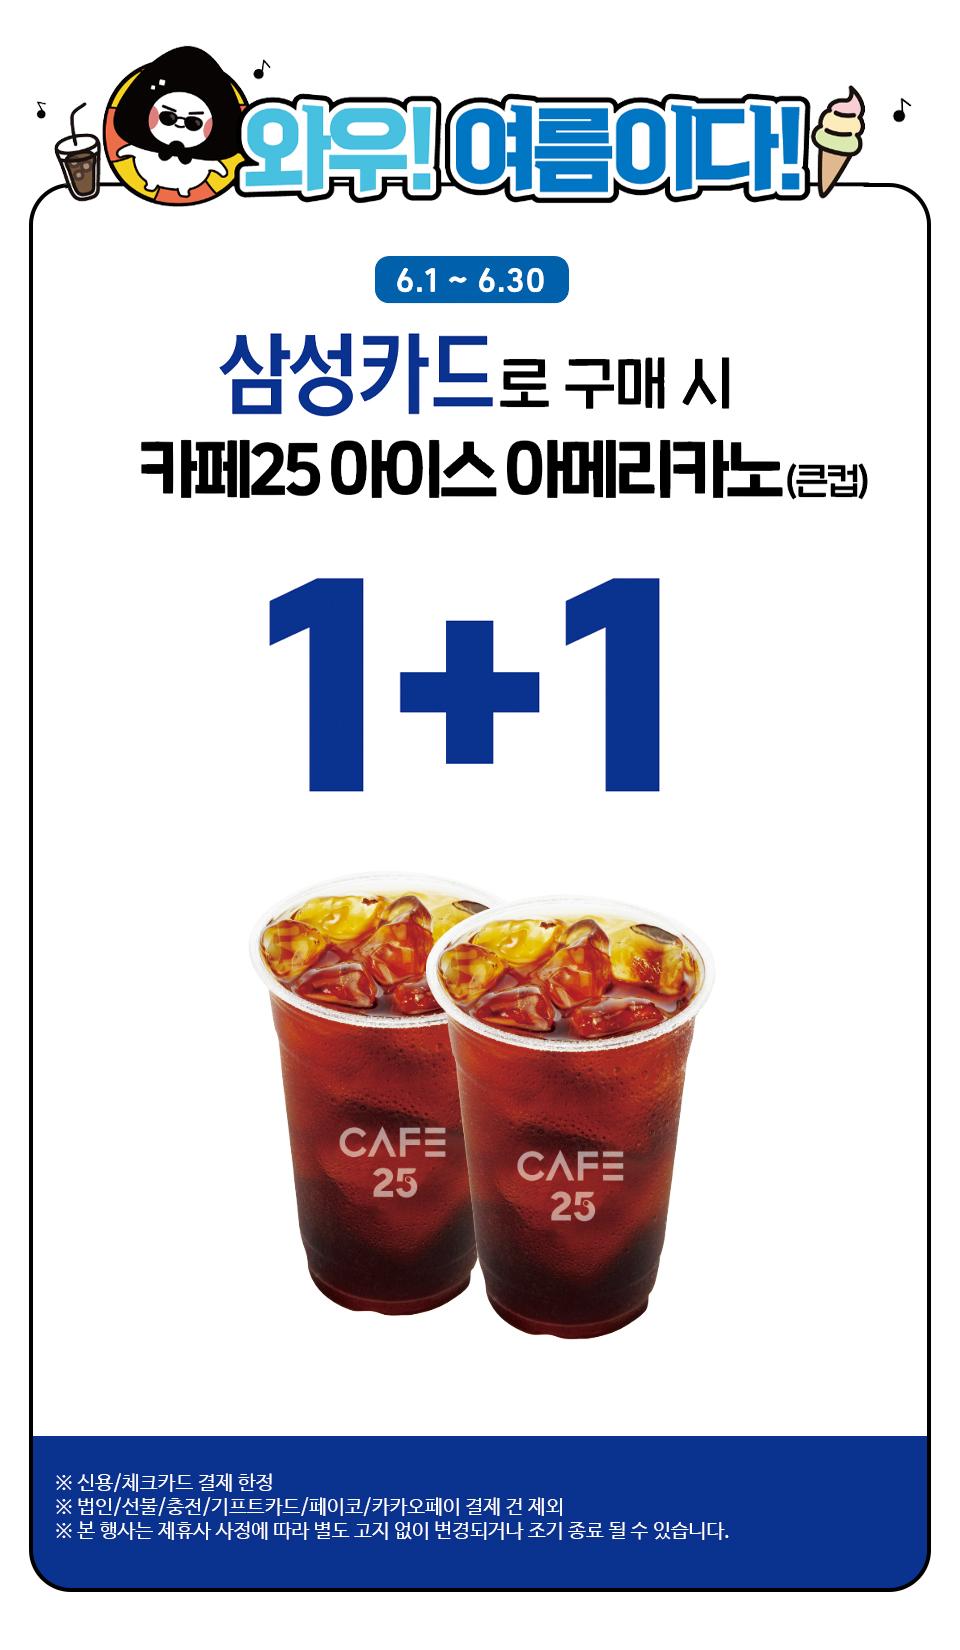 카페25 아이스 아메리카노 삼성카드로 구매 시 1+1